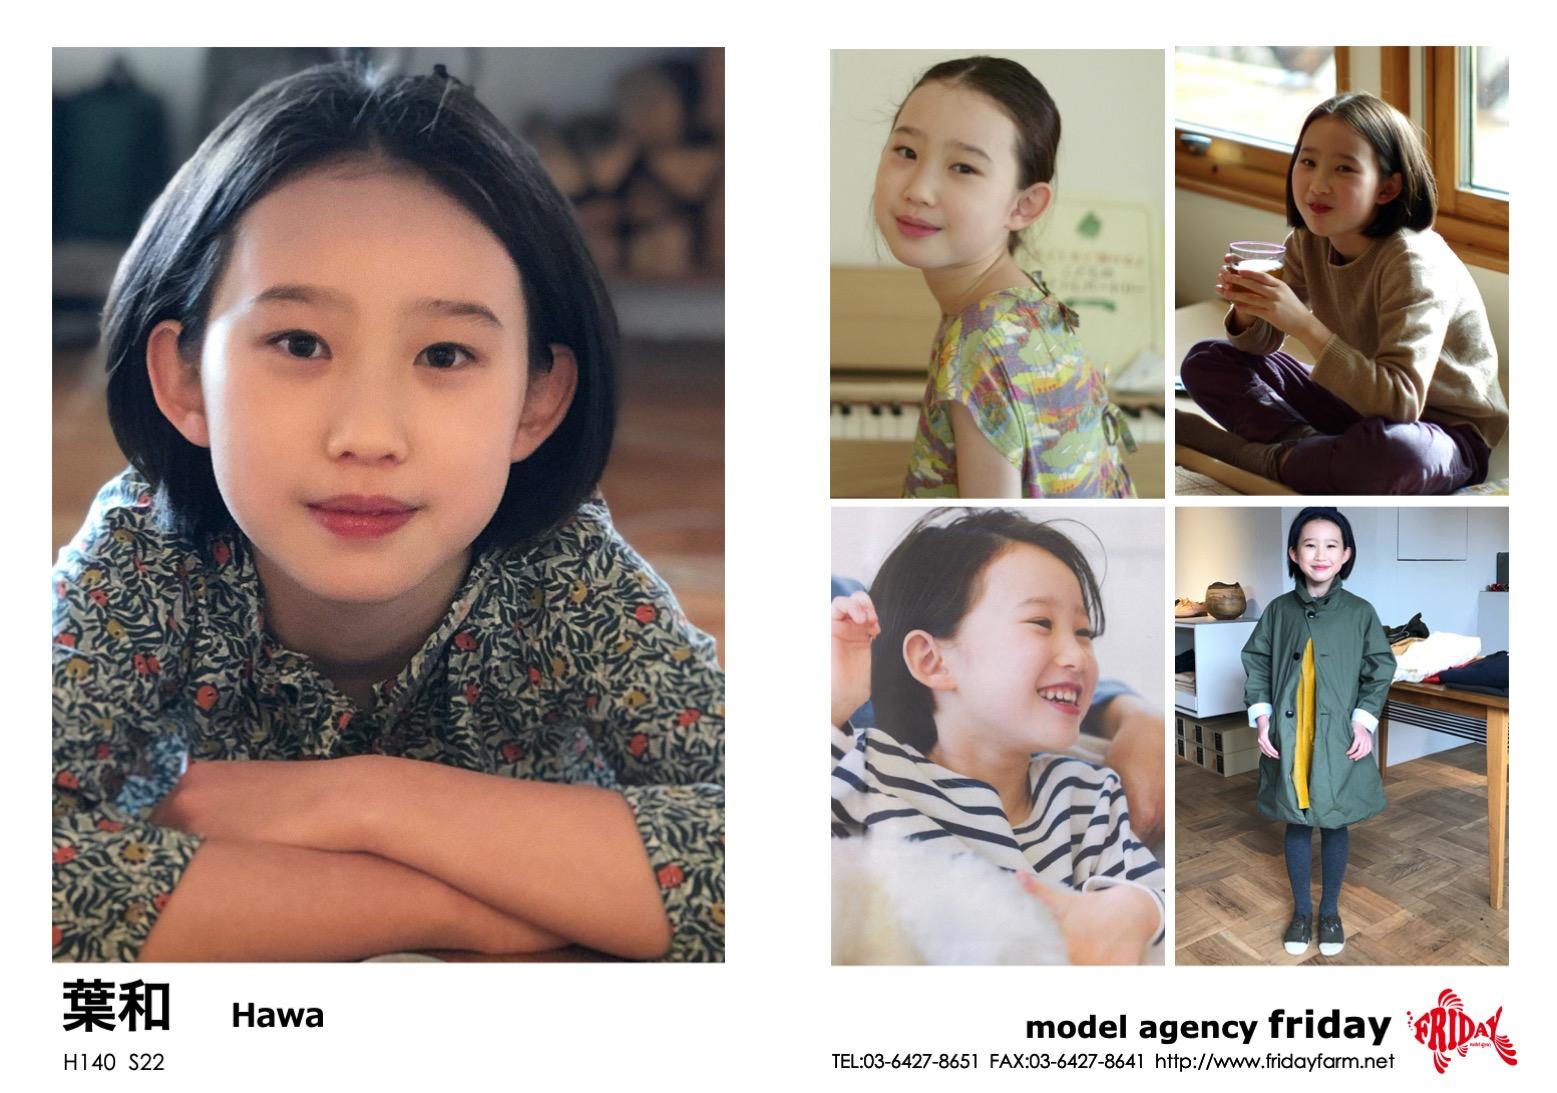 葉和 - Hawa   model agency friday